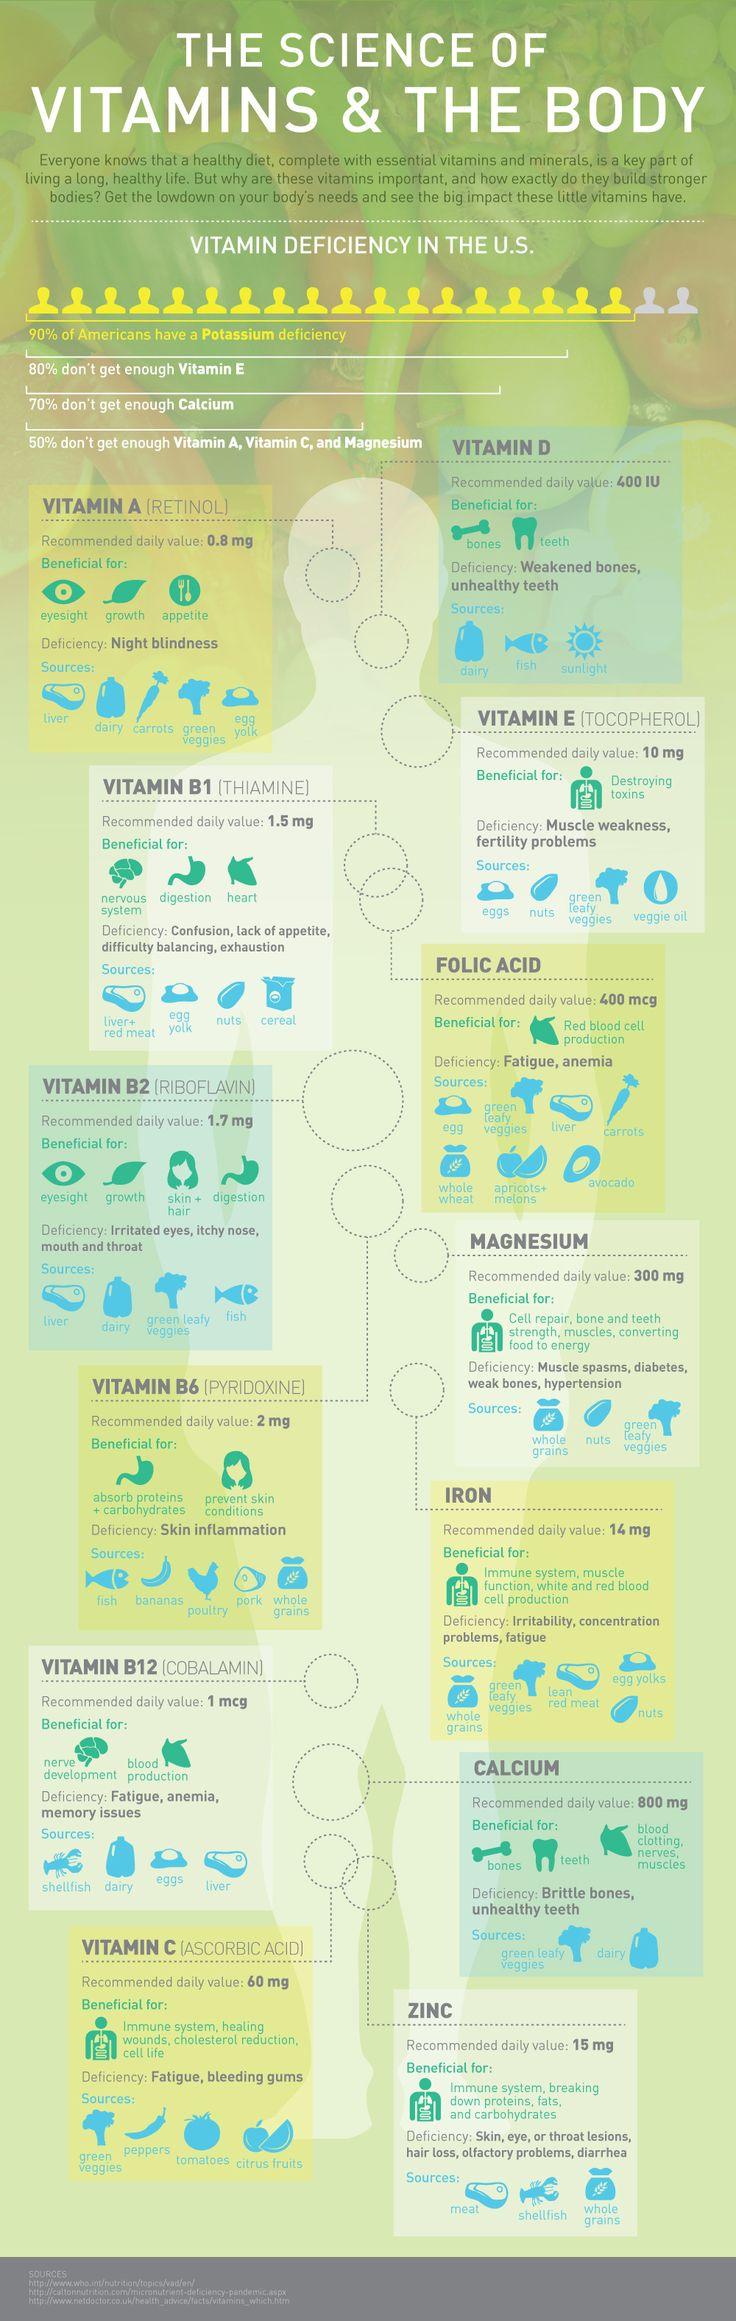 La ciencia de las vitaminas y el cuerpo #infografia #infographic #health | Las otras infografías